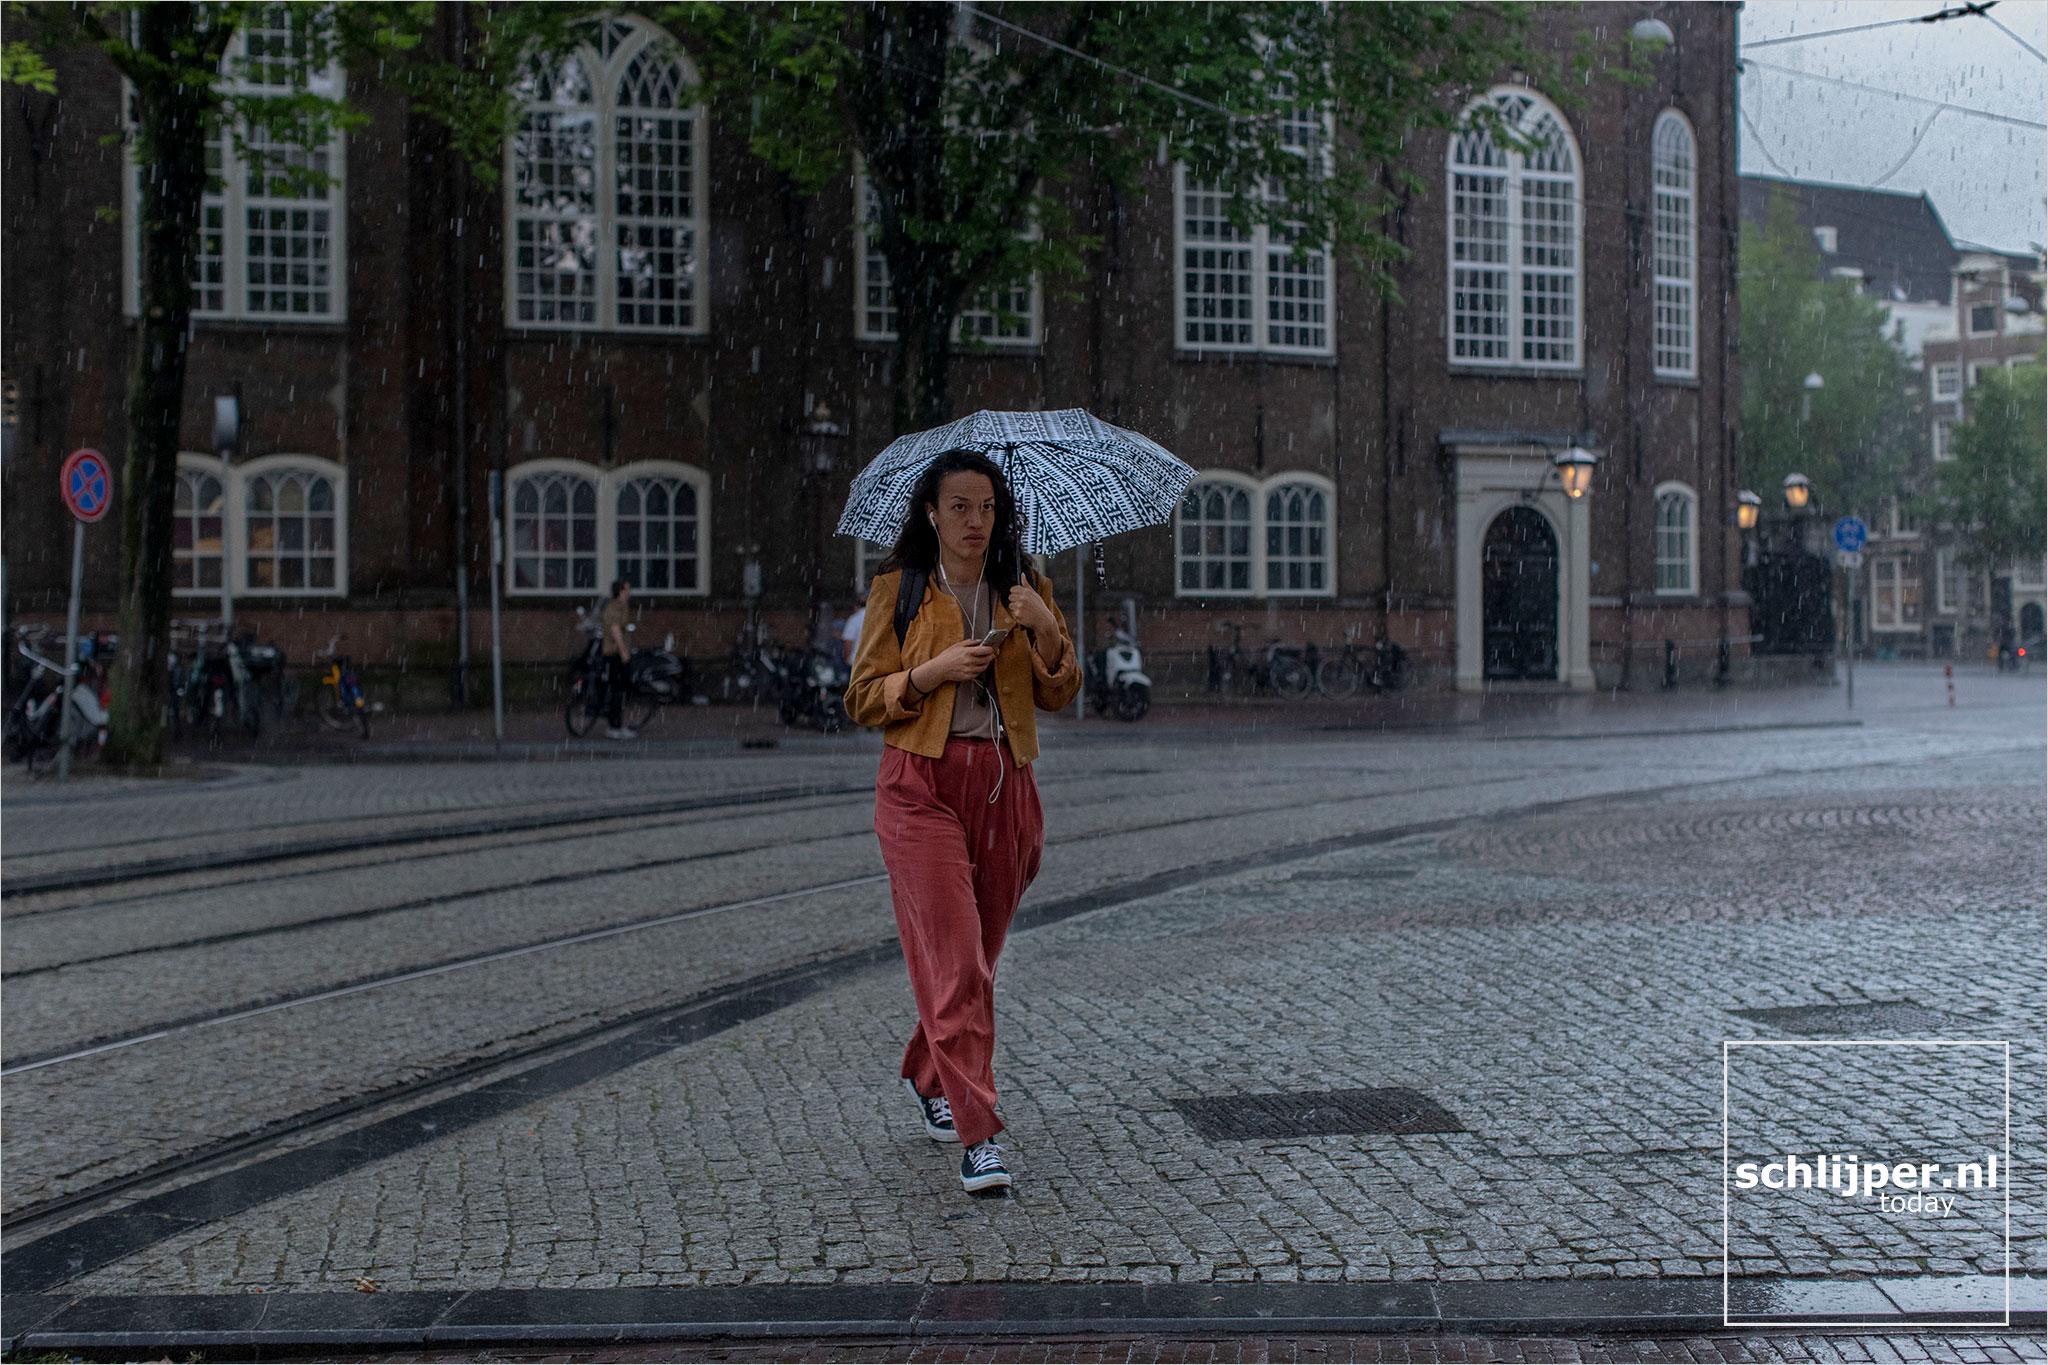 Nederland, Amsterdam, 17 augustus 2020